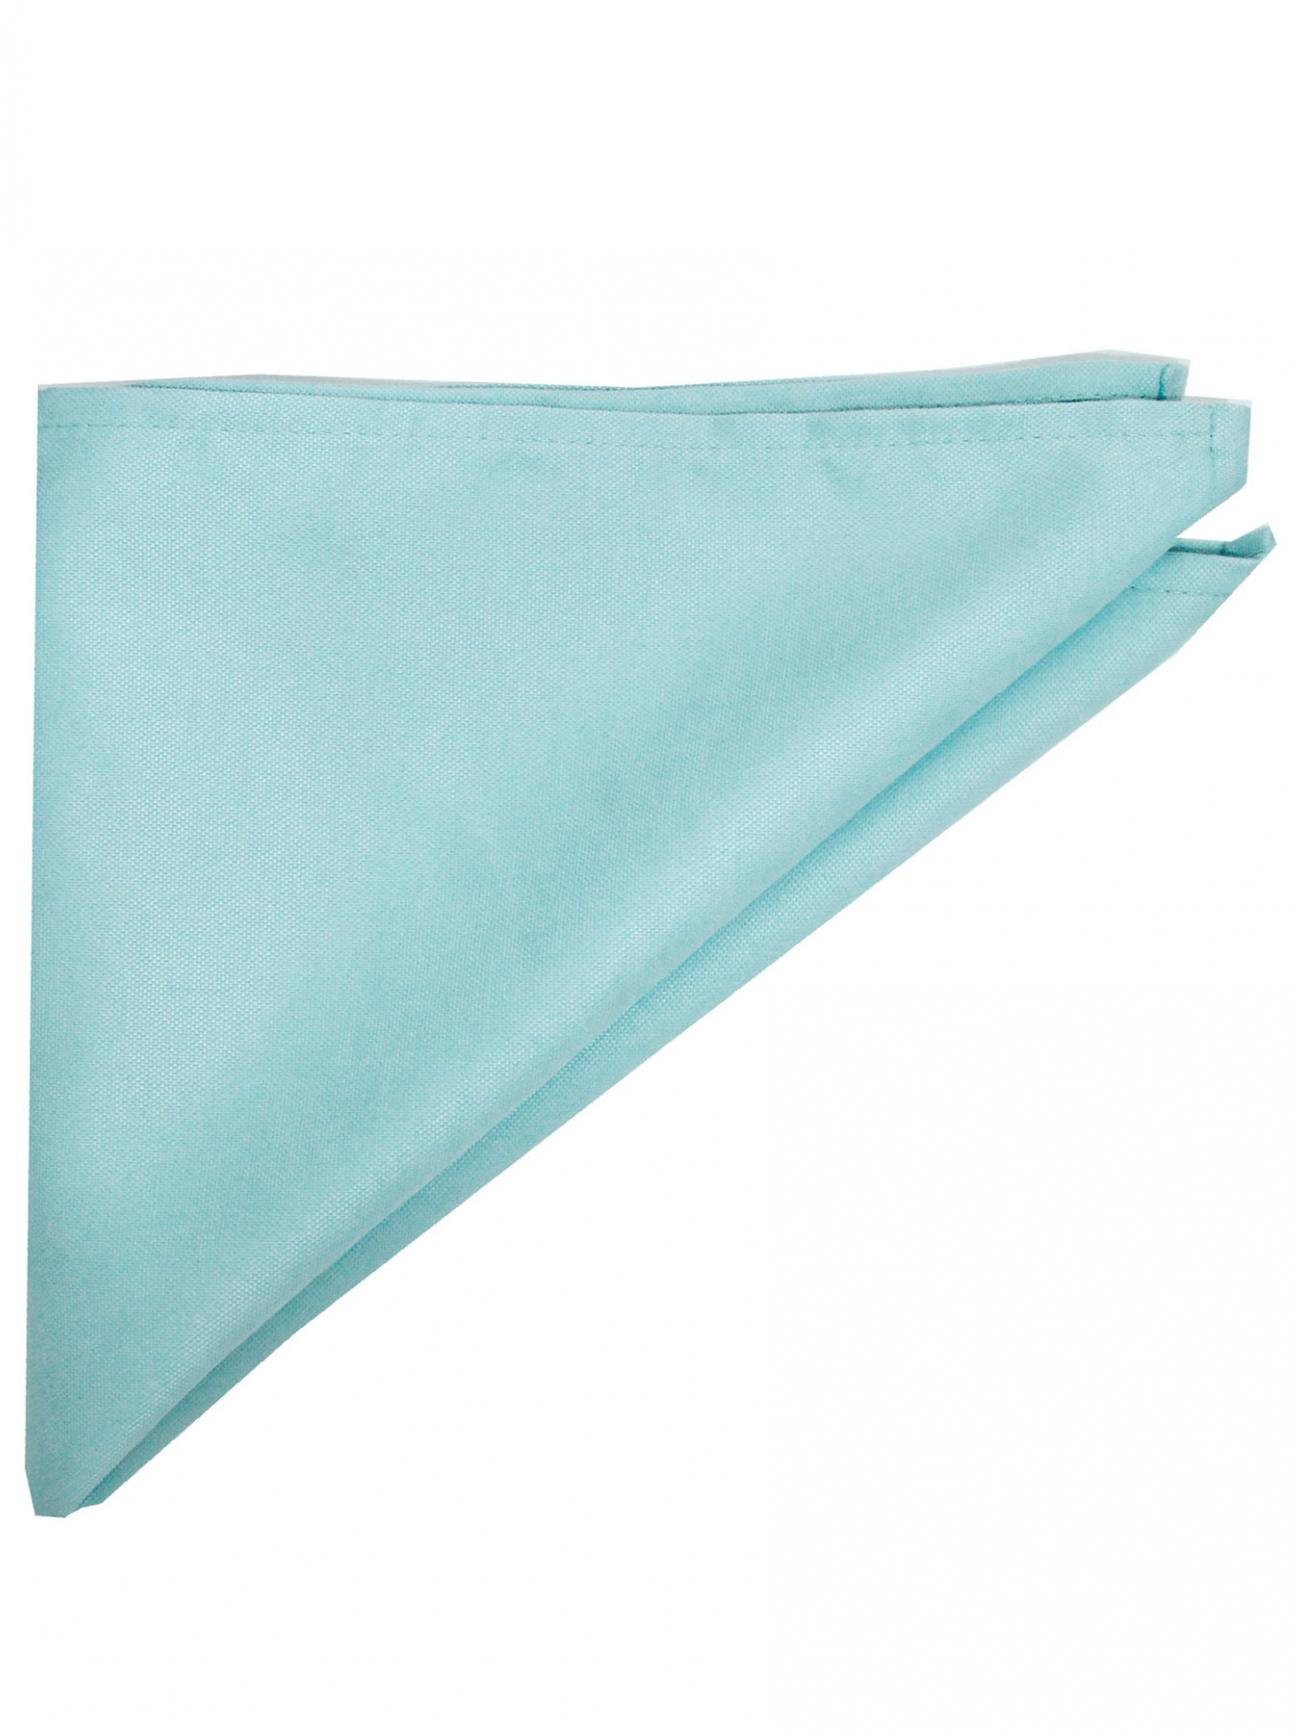 Салфетка мятно-голубая портьера фактурная